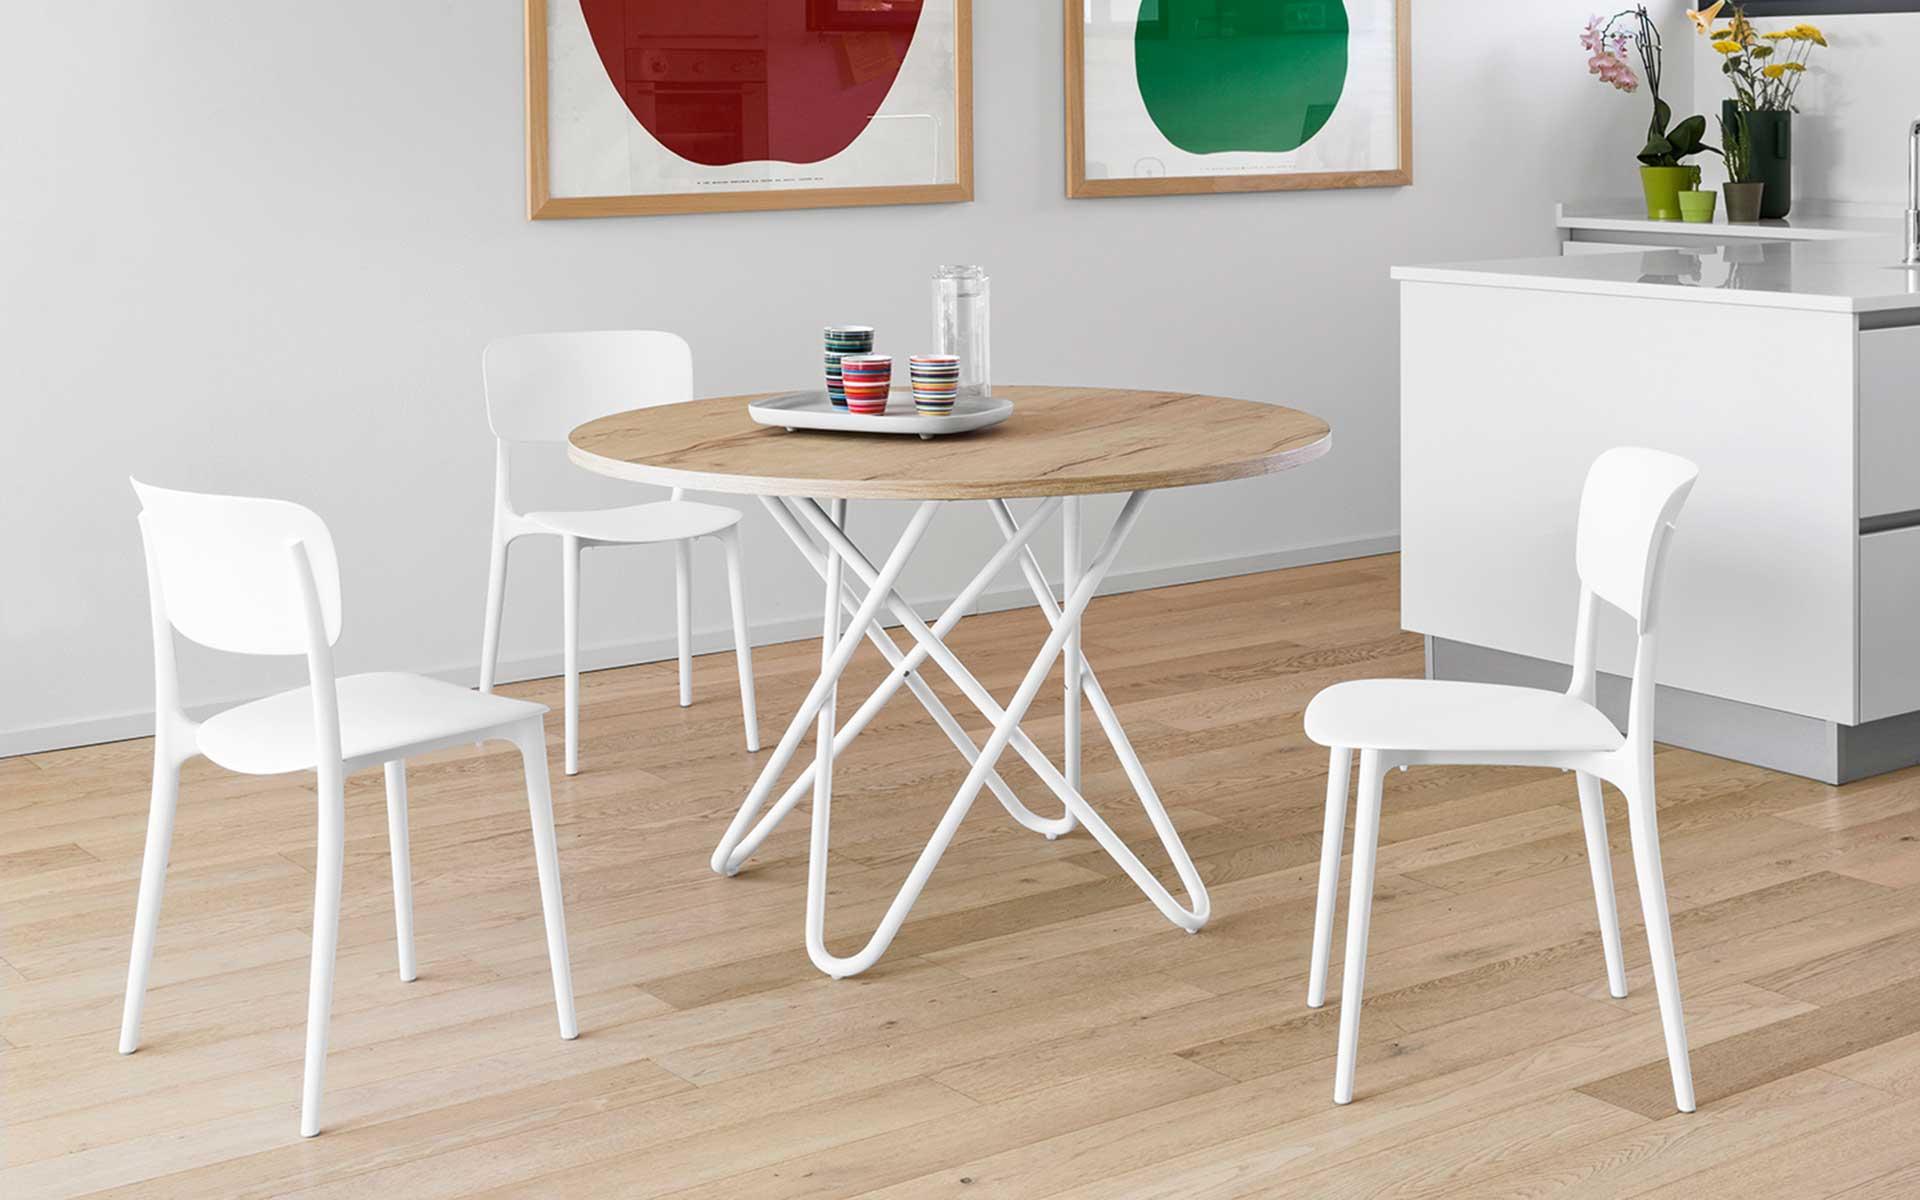 Chairs Calligaris Cs1883 Liberty